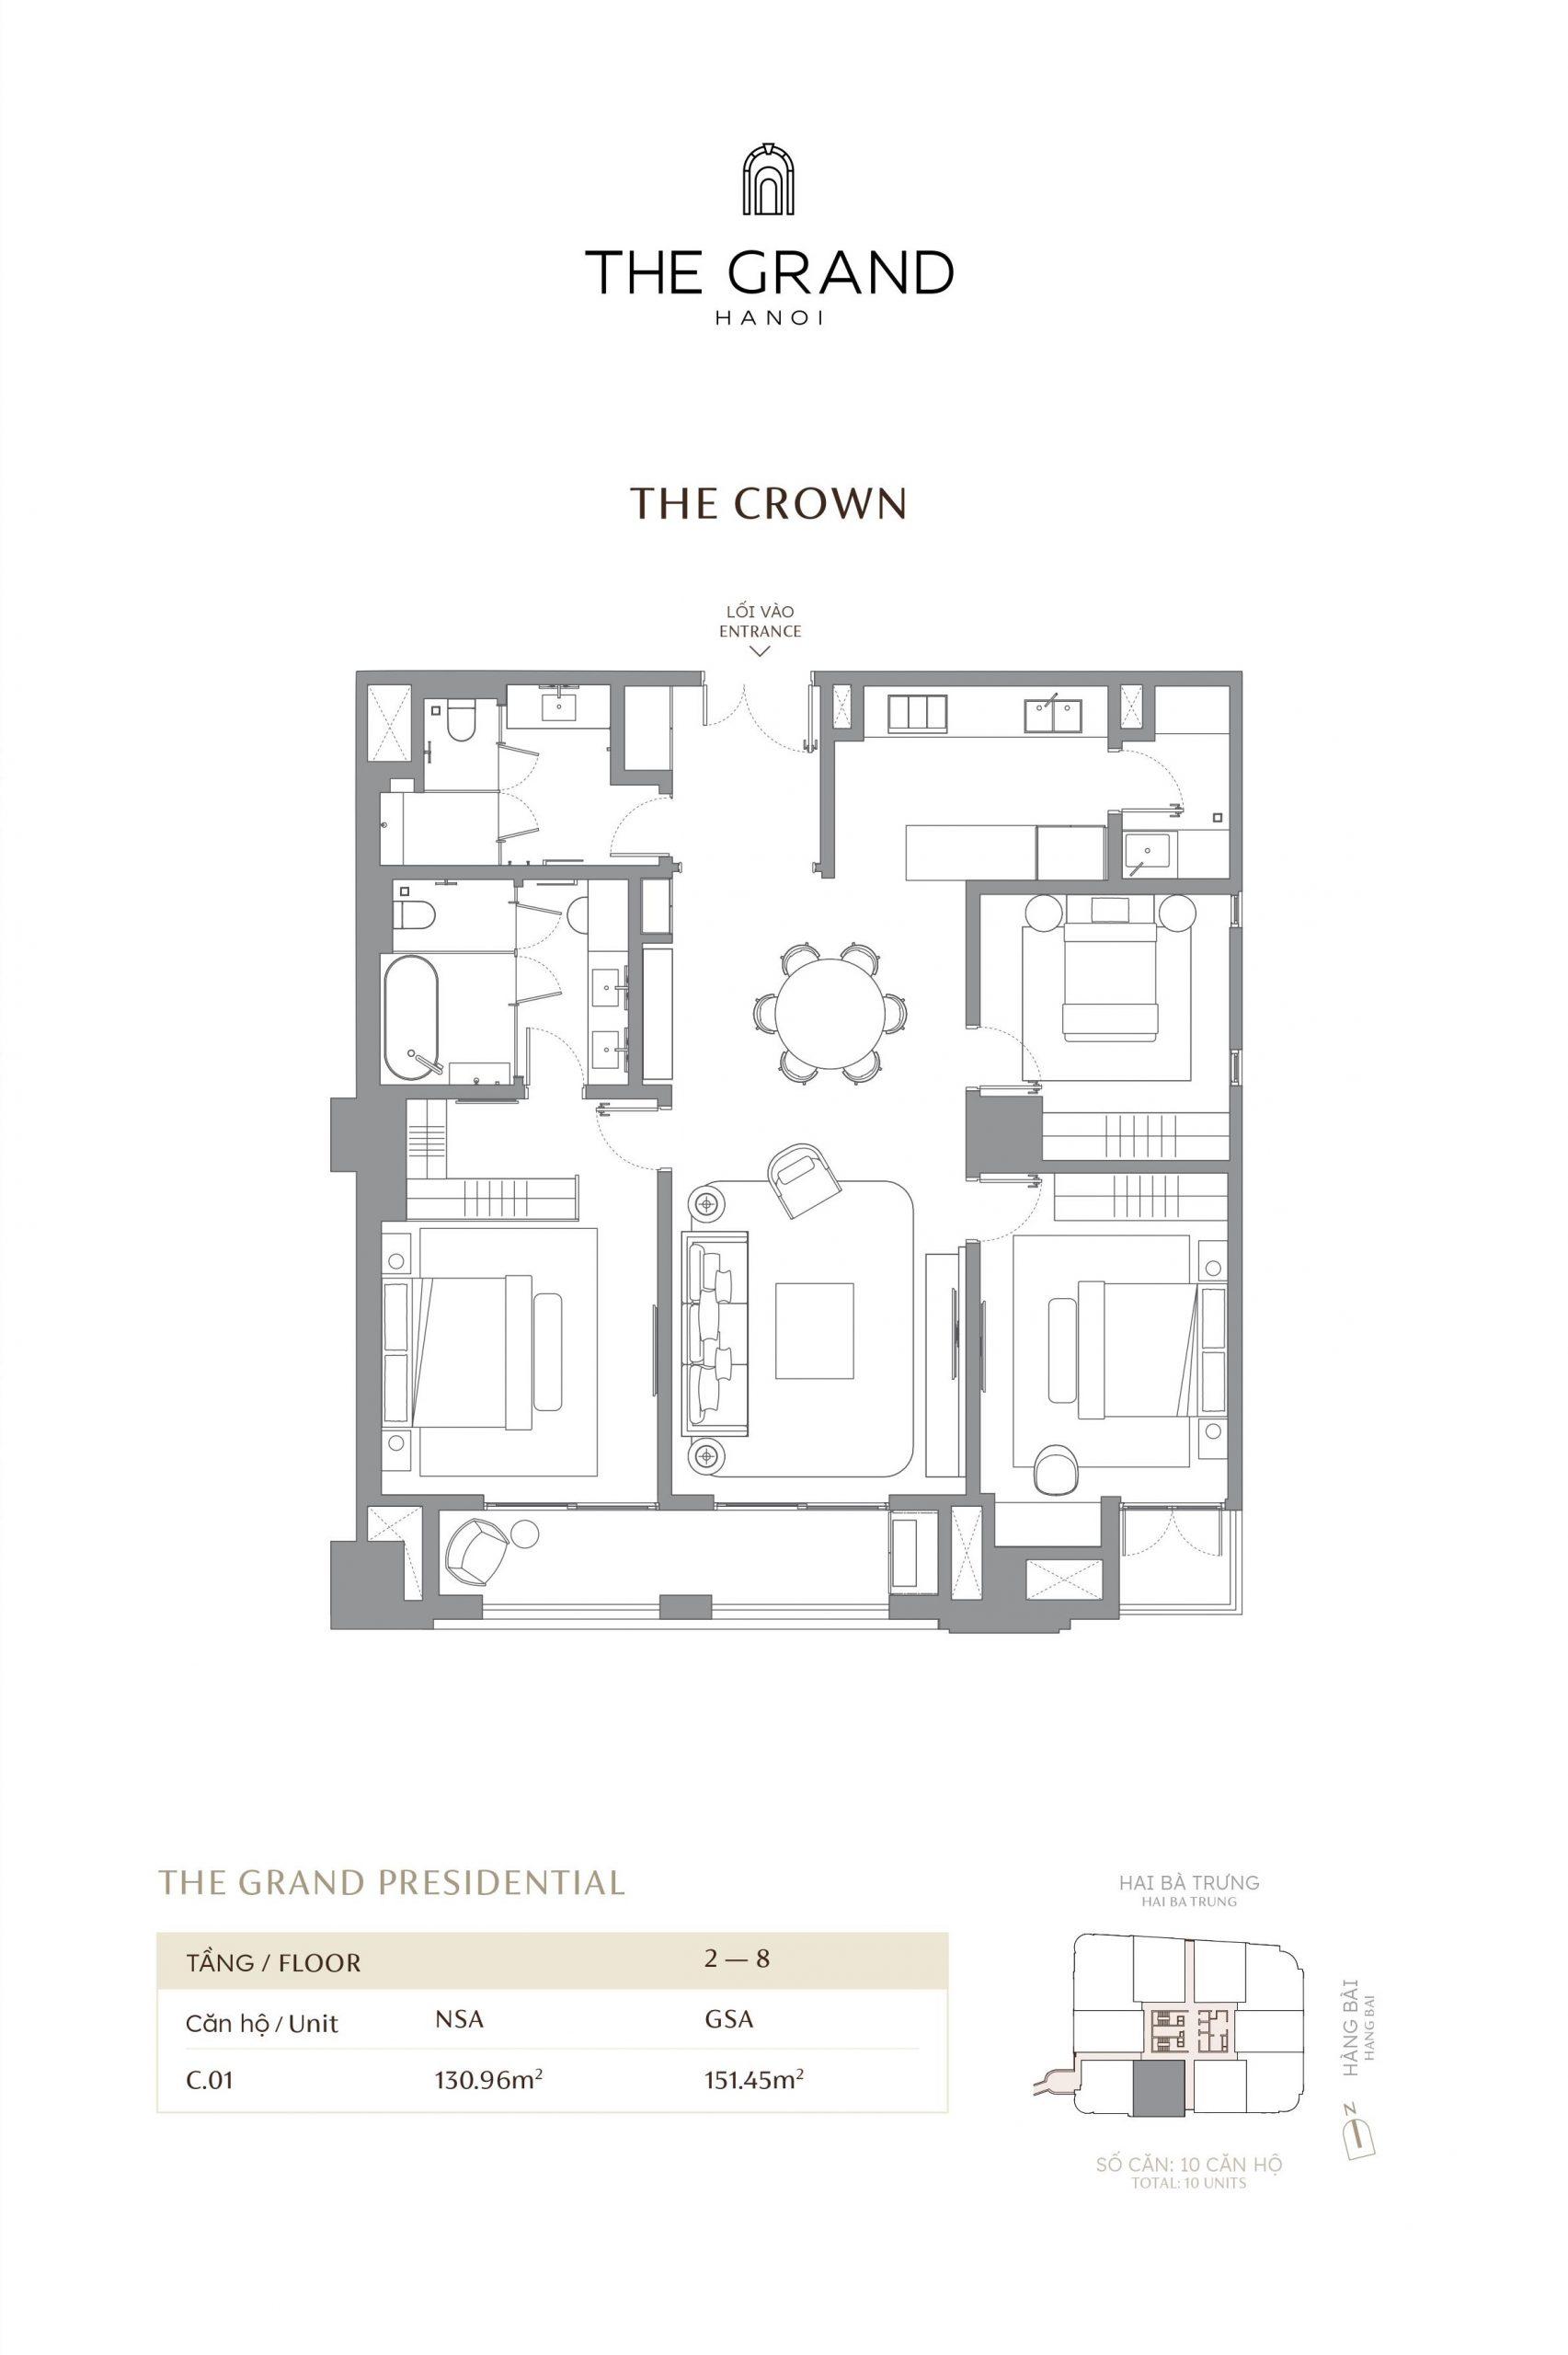 thiết kế căn hộ the crown 1